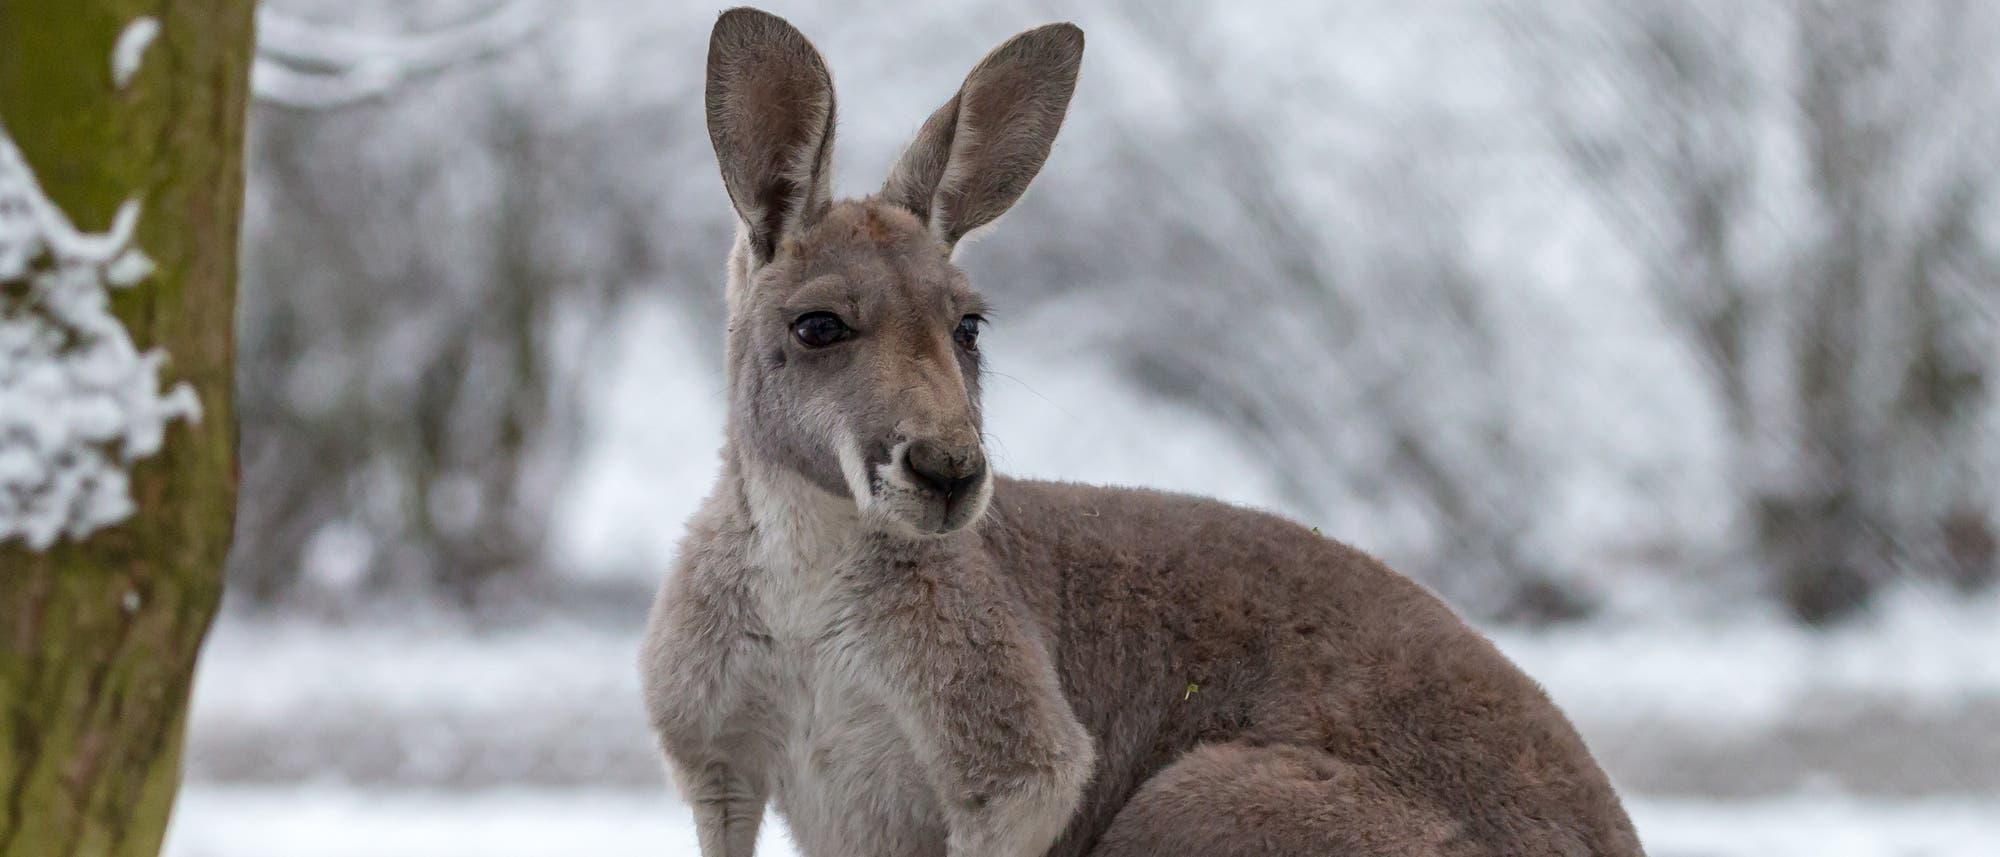 Ein Känguru im Schnee